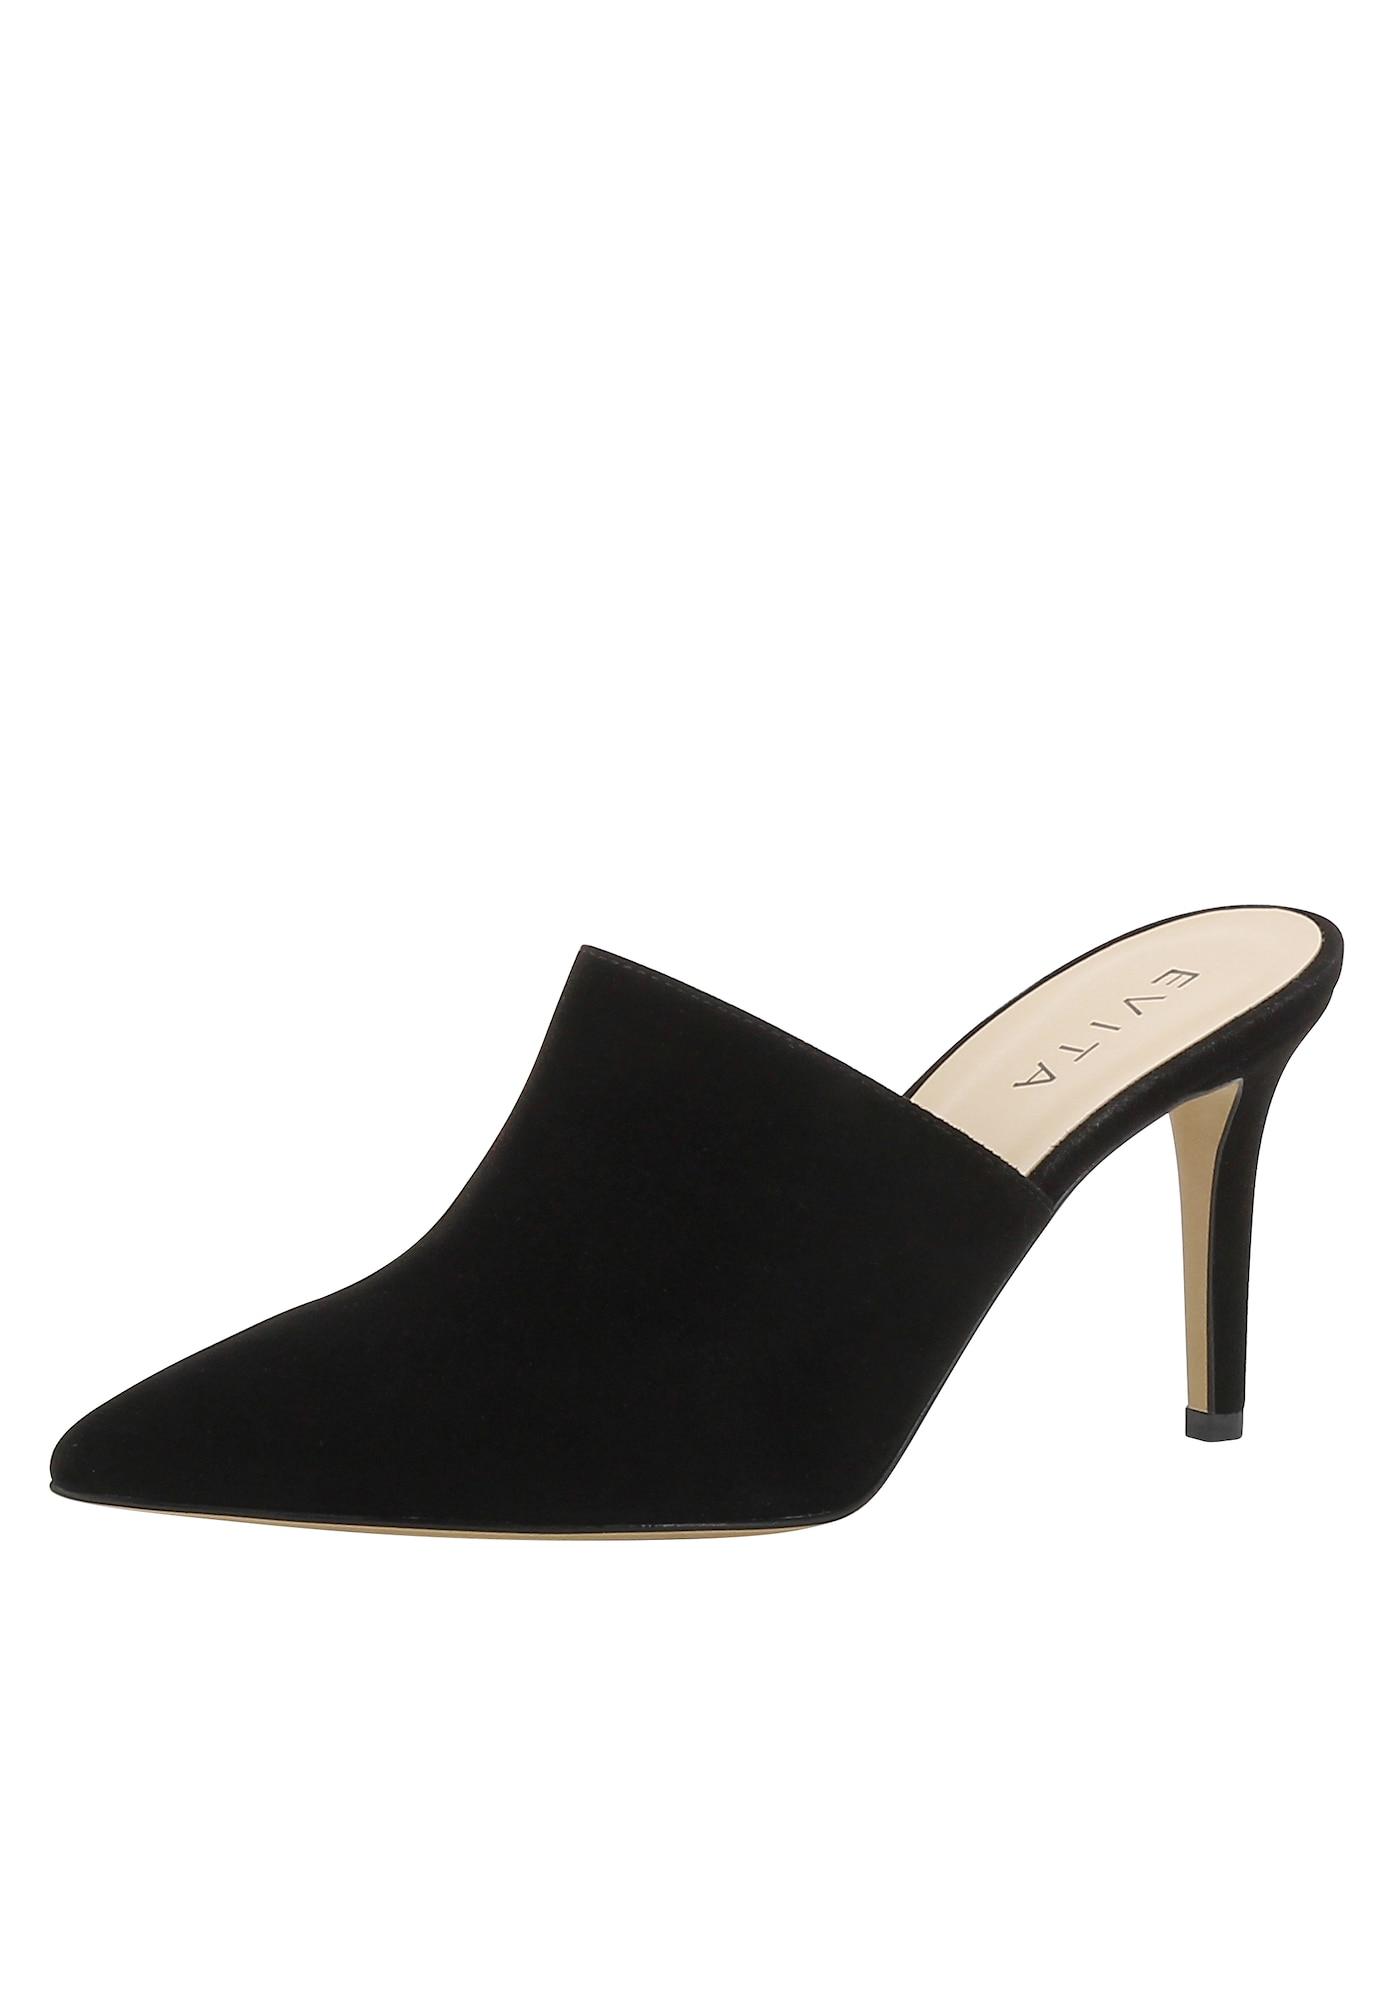 Pantolette 'Emanuela'   Schuhe > Clogs & Pantoletten   EVITA